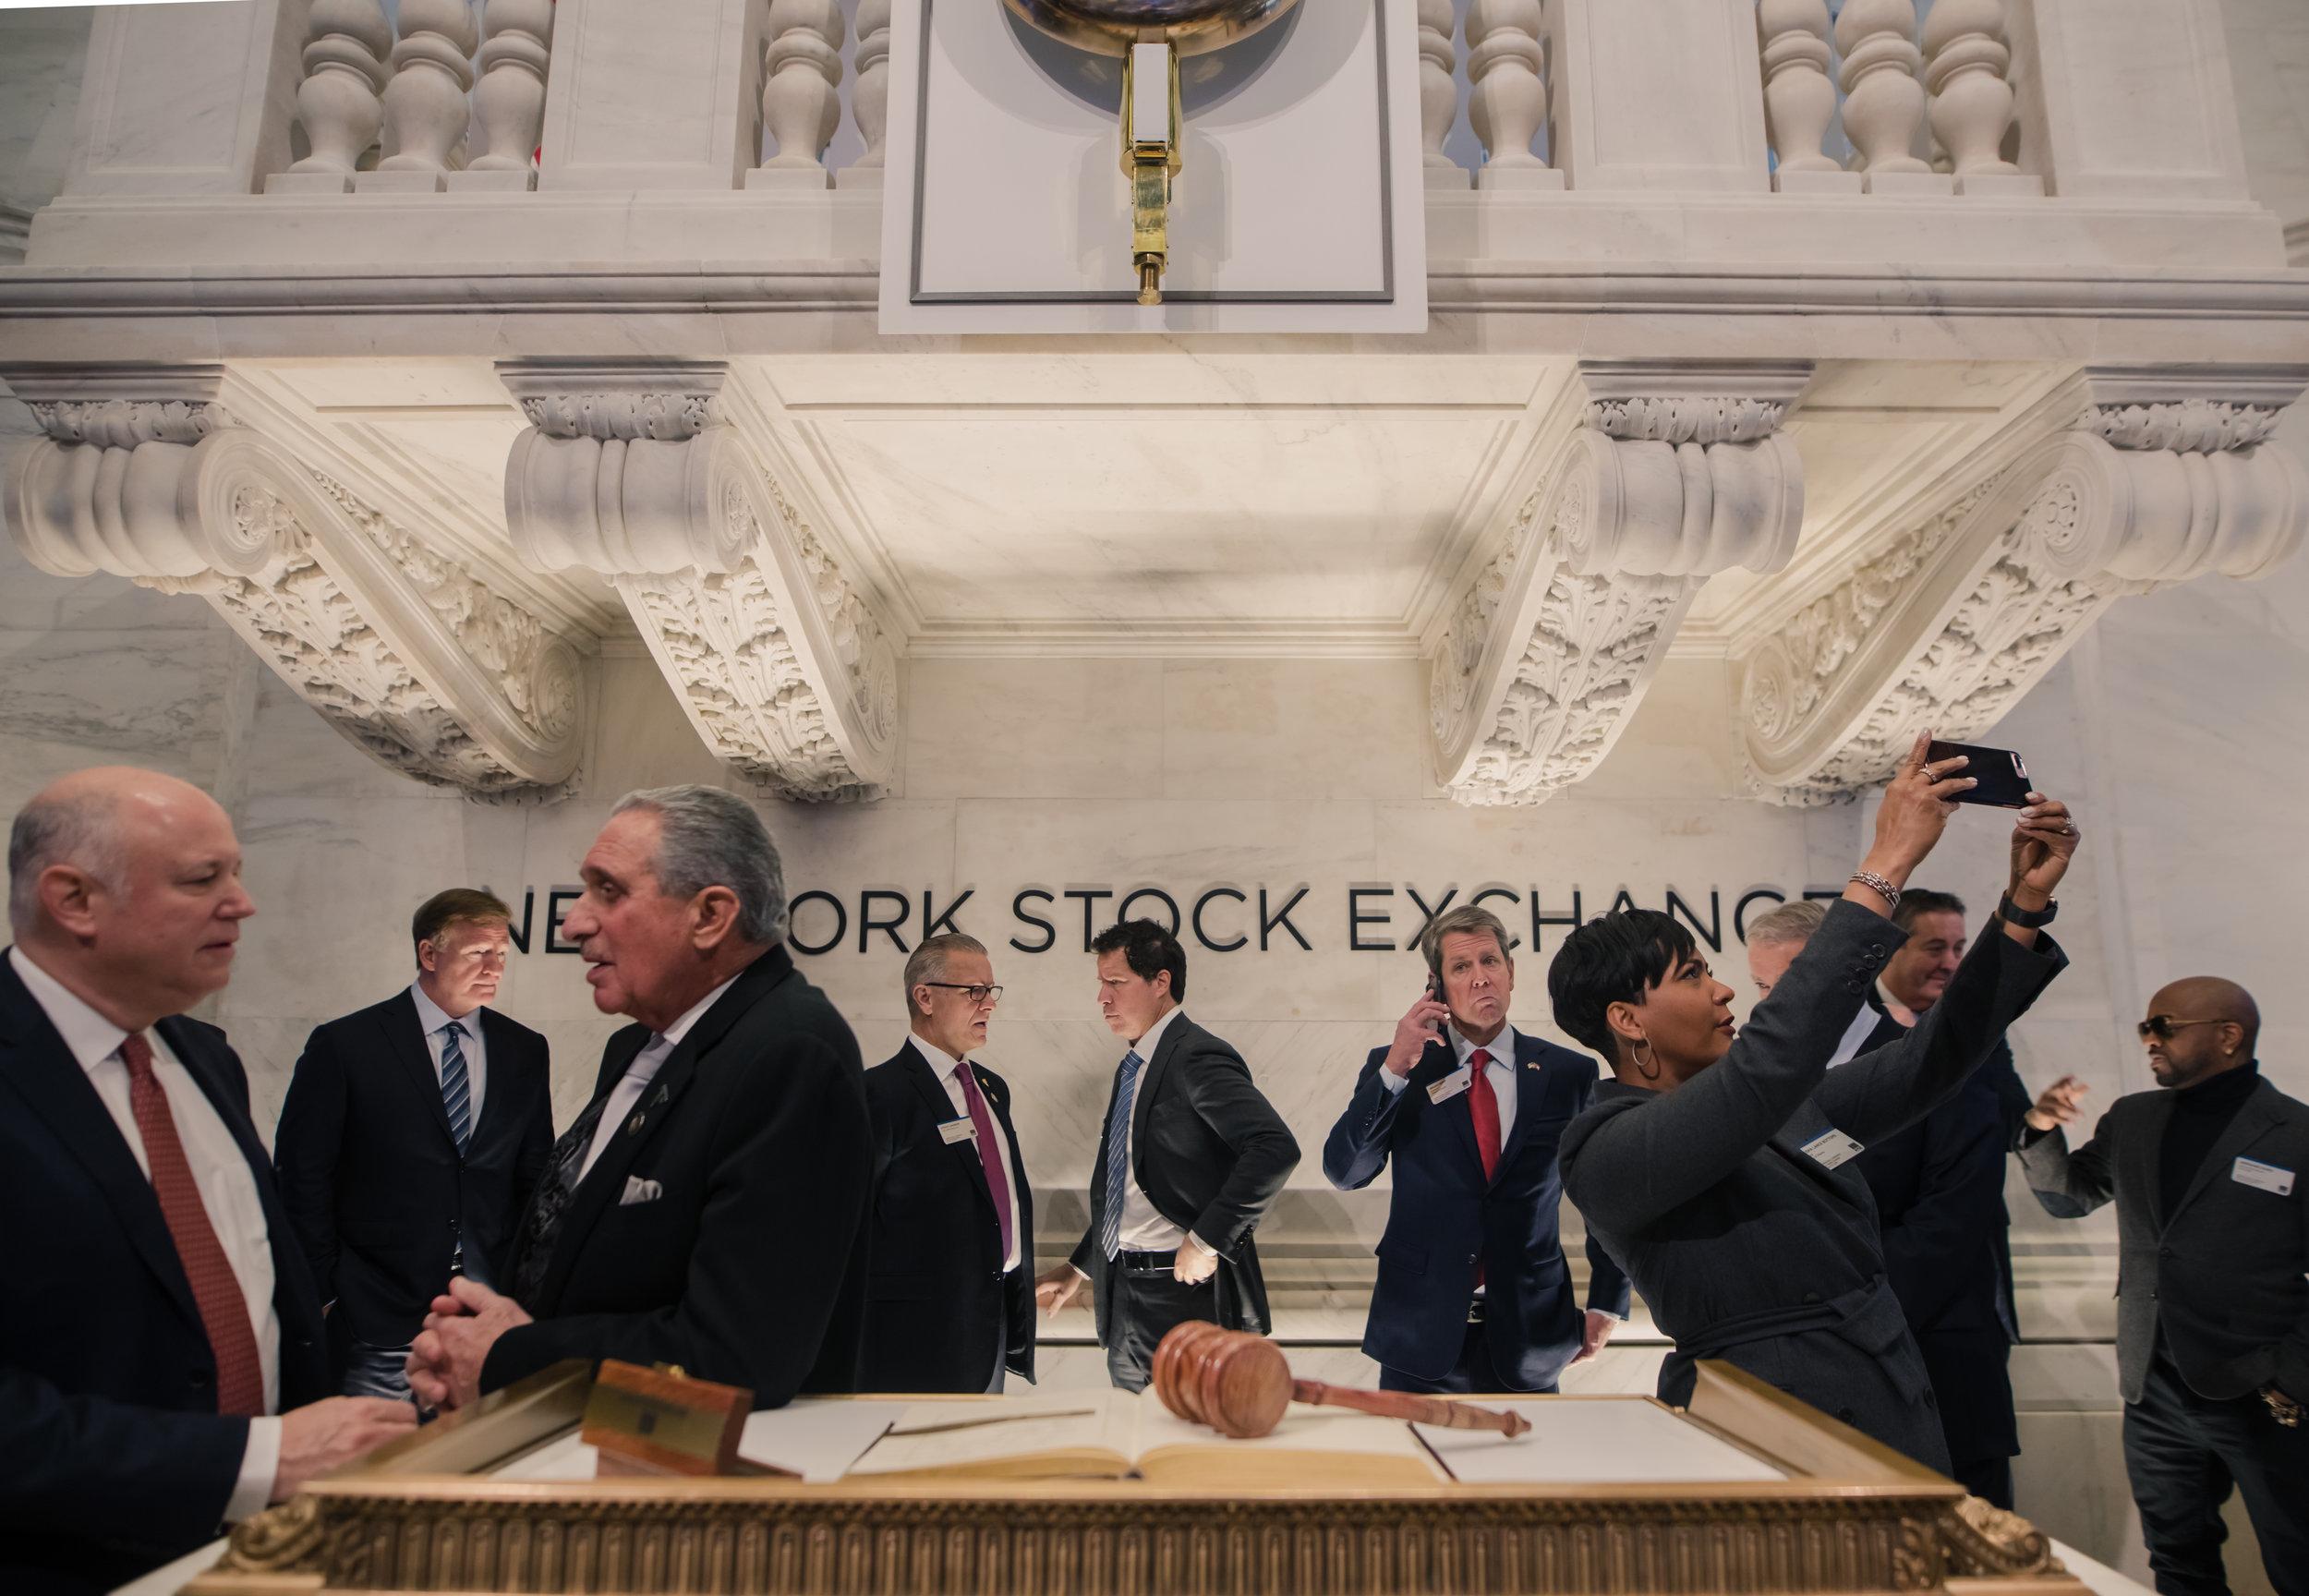 DG-NYSE-1-22-2.jpg